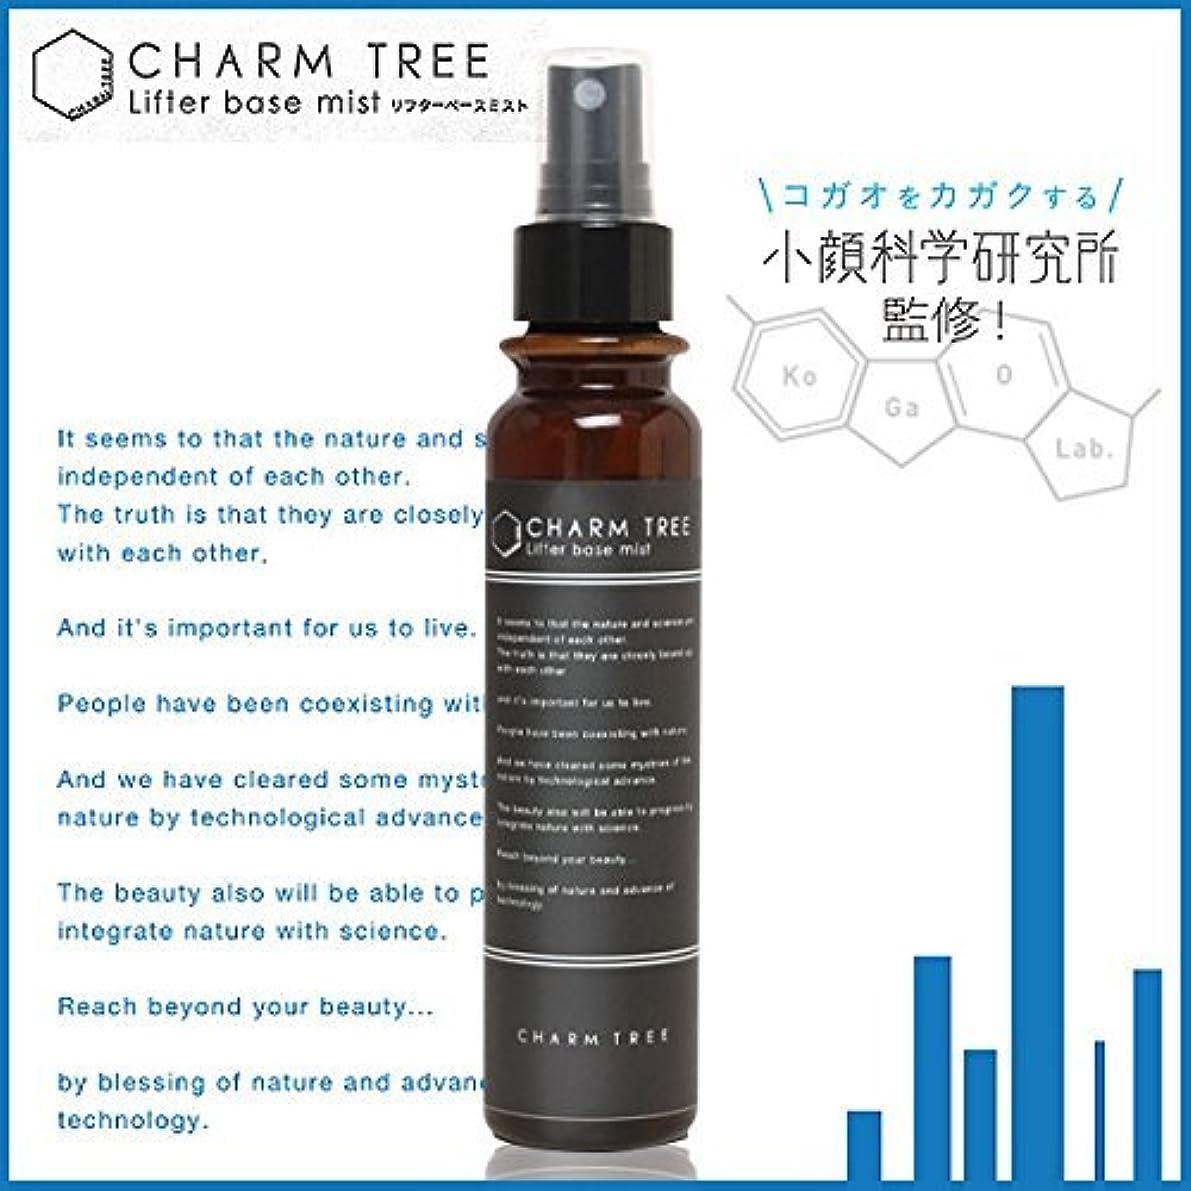 キリマンジャロ噴火仮定、想定。推測【小顔 化粧水】CHARM TREE Lifterbasemist/チャームツリー リフターベースミスト 小顔効果 コガオを科学する小顔科学研究所監修 リフトアップ【P08Apr16】